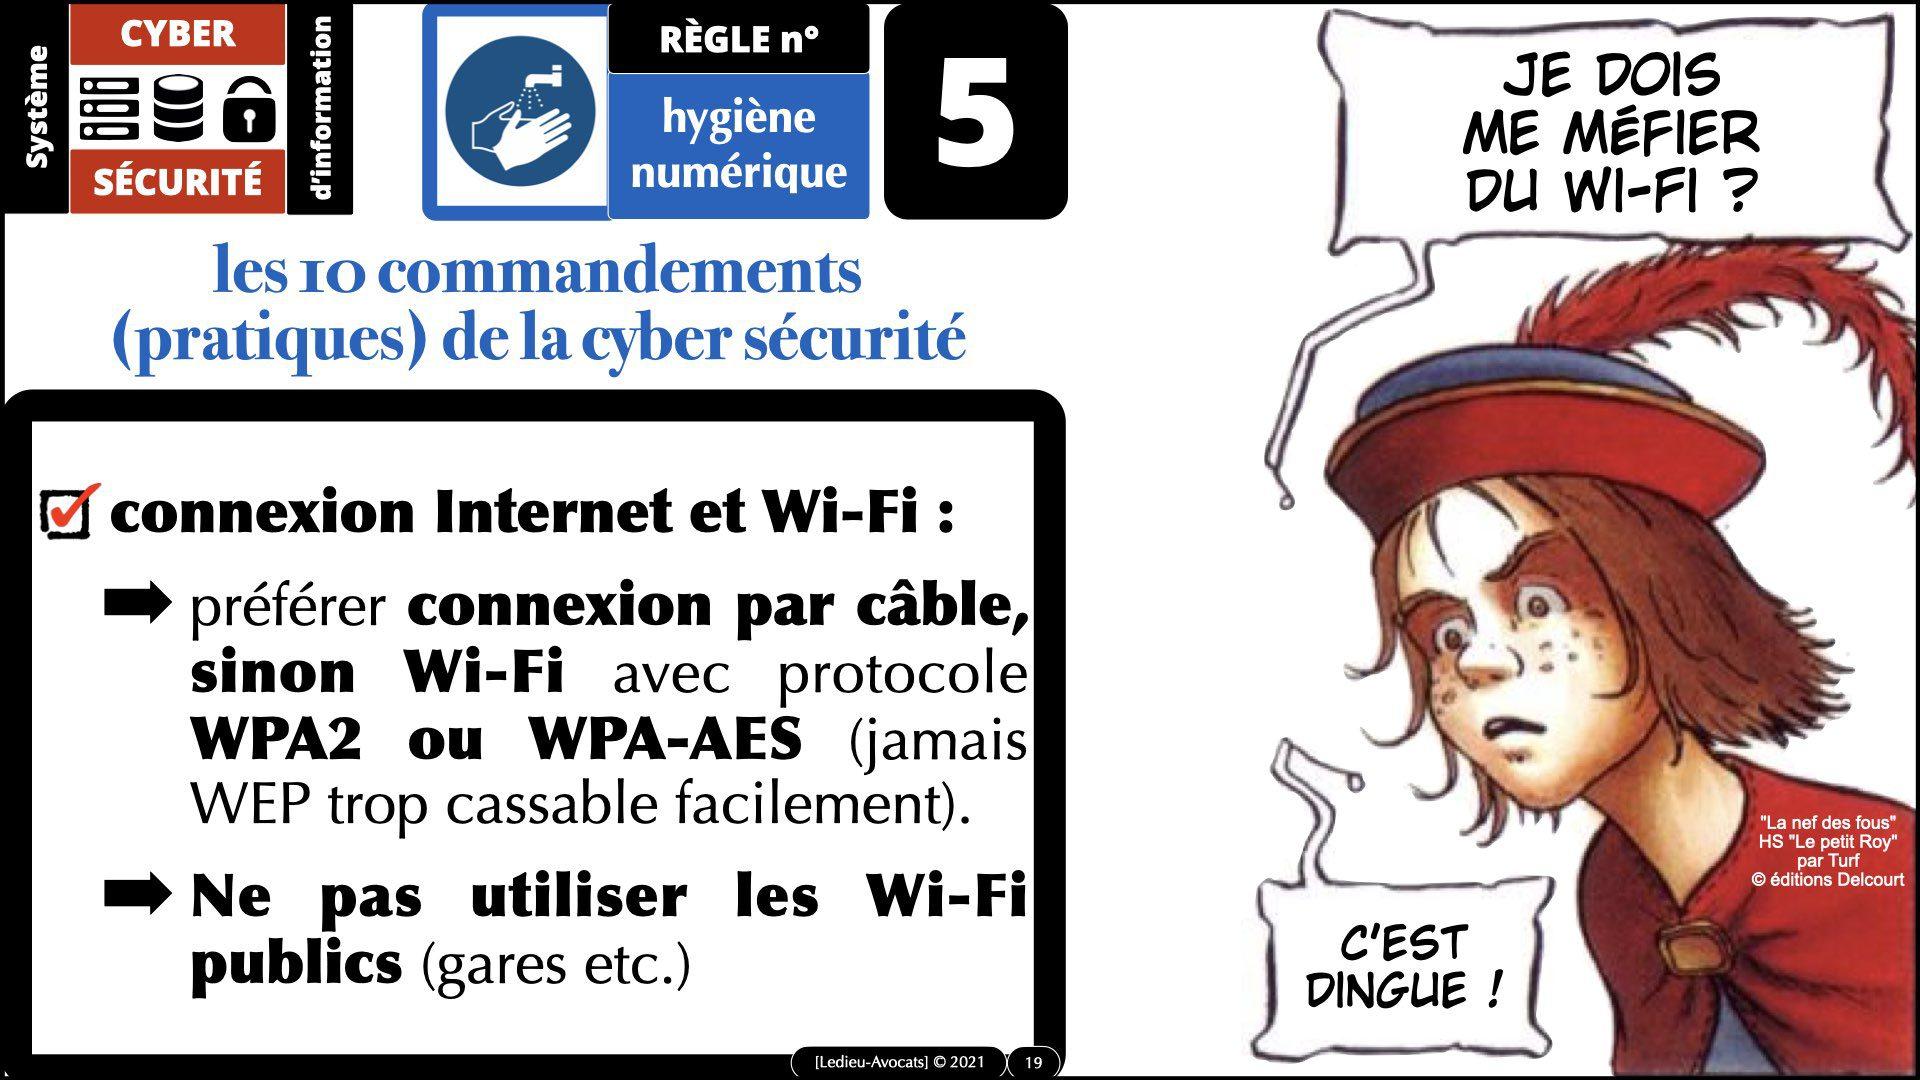 345 10 commandements hygiène numérique © Ledieu-Avocats technique droit numérique 07-09-2021.019